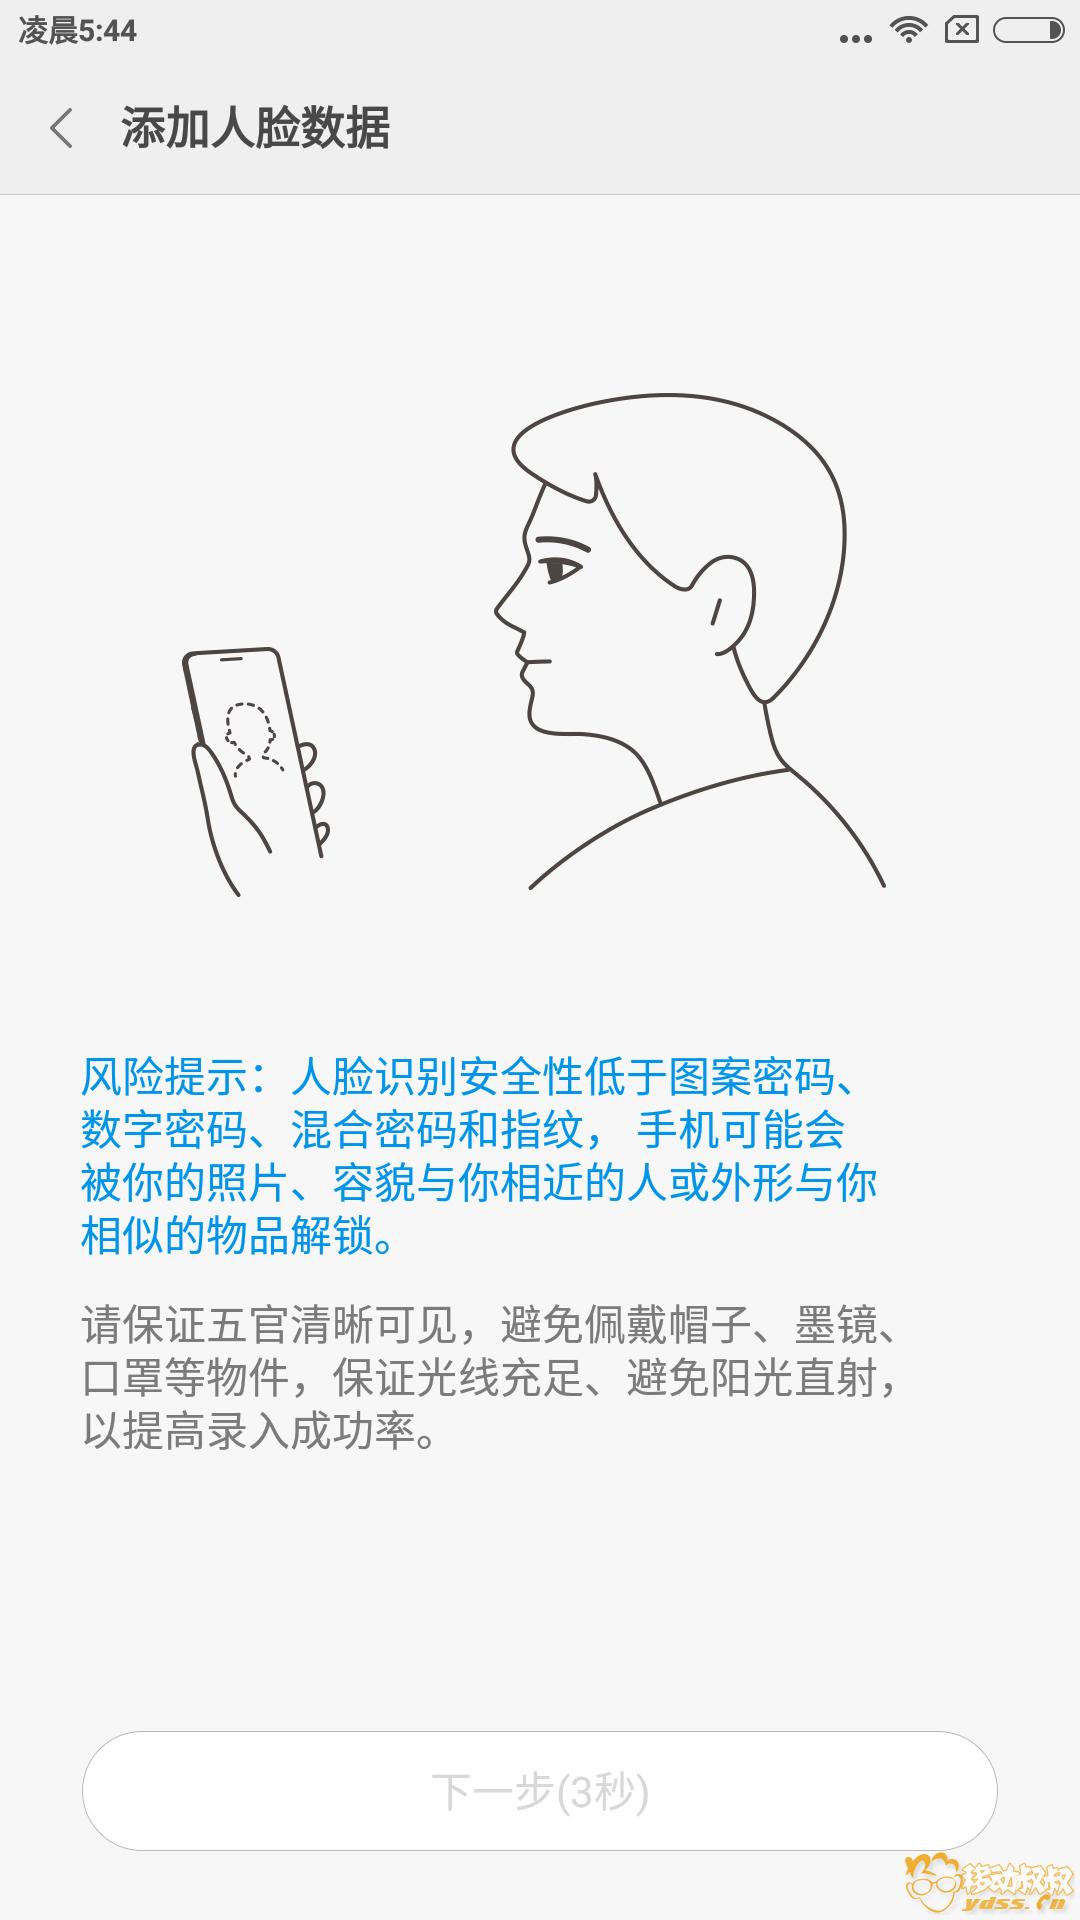 Screenshot_2018-03-13-05-44-43-072_com.android.ke.png